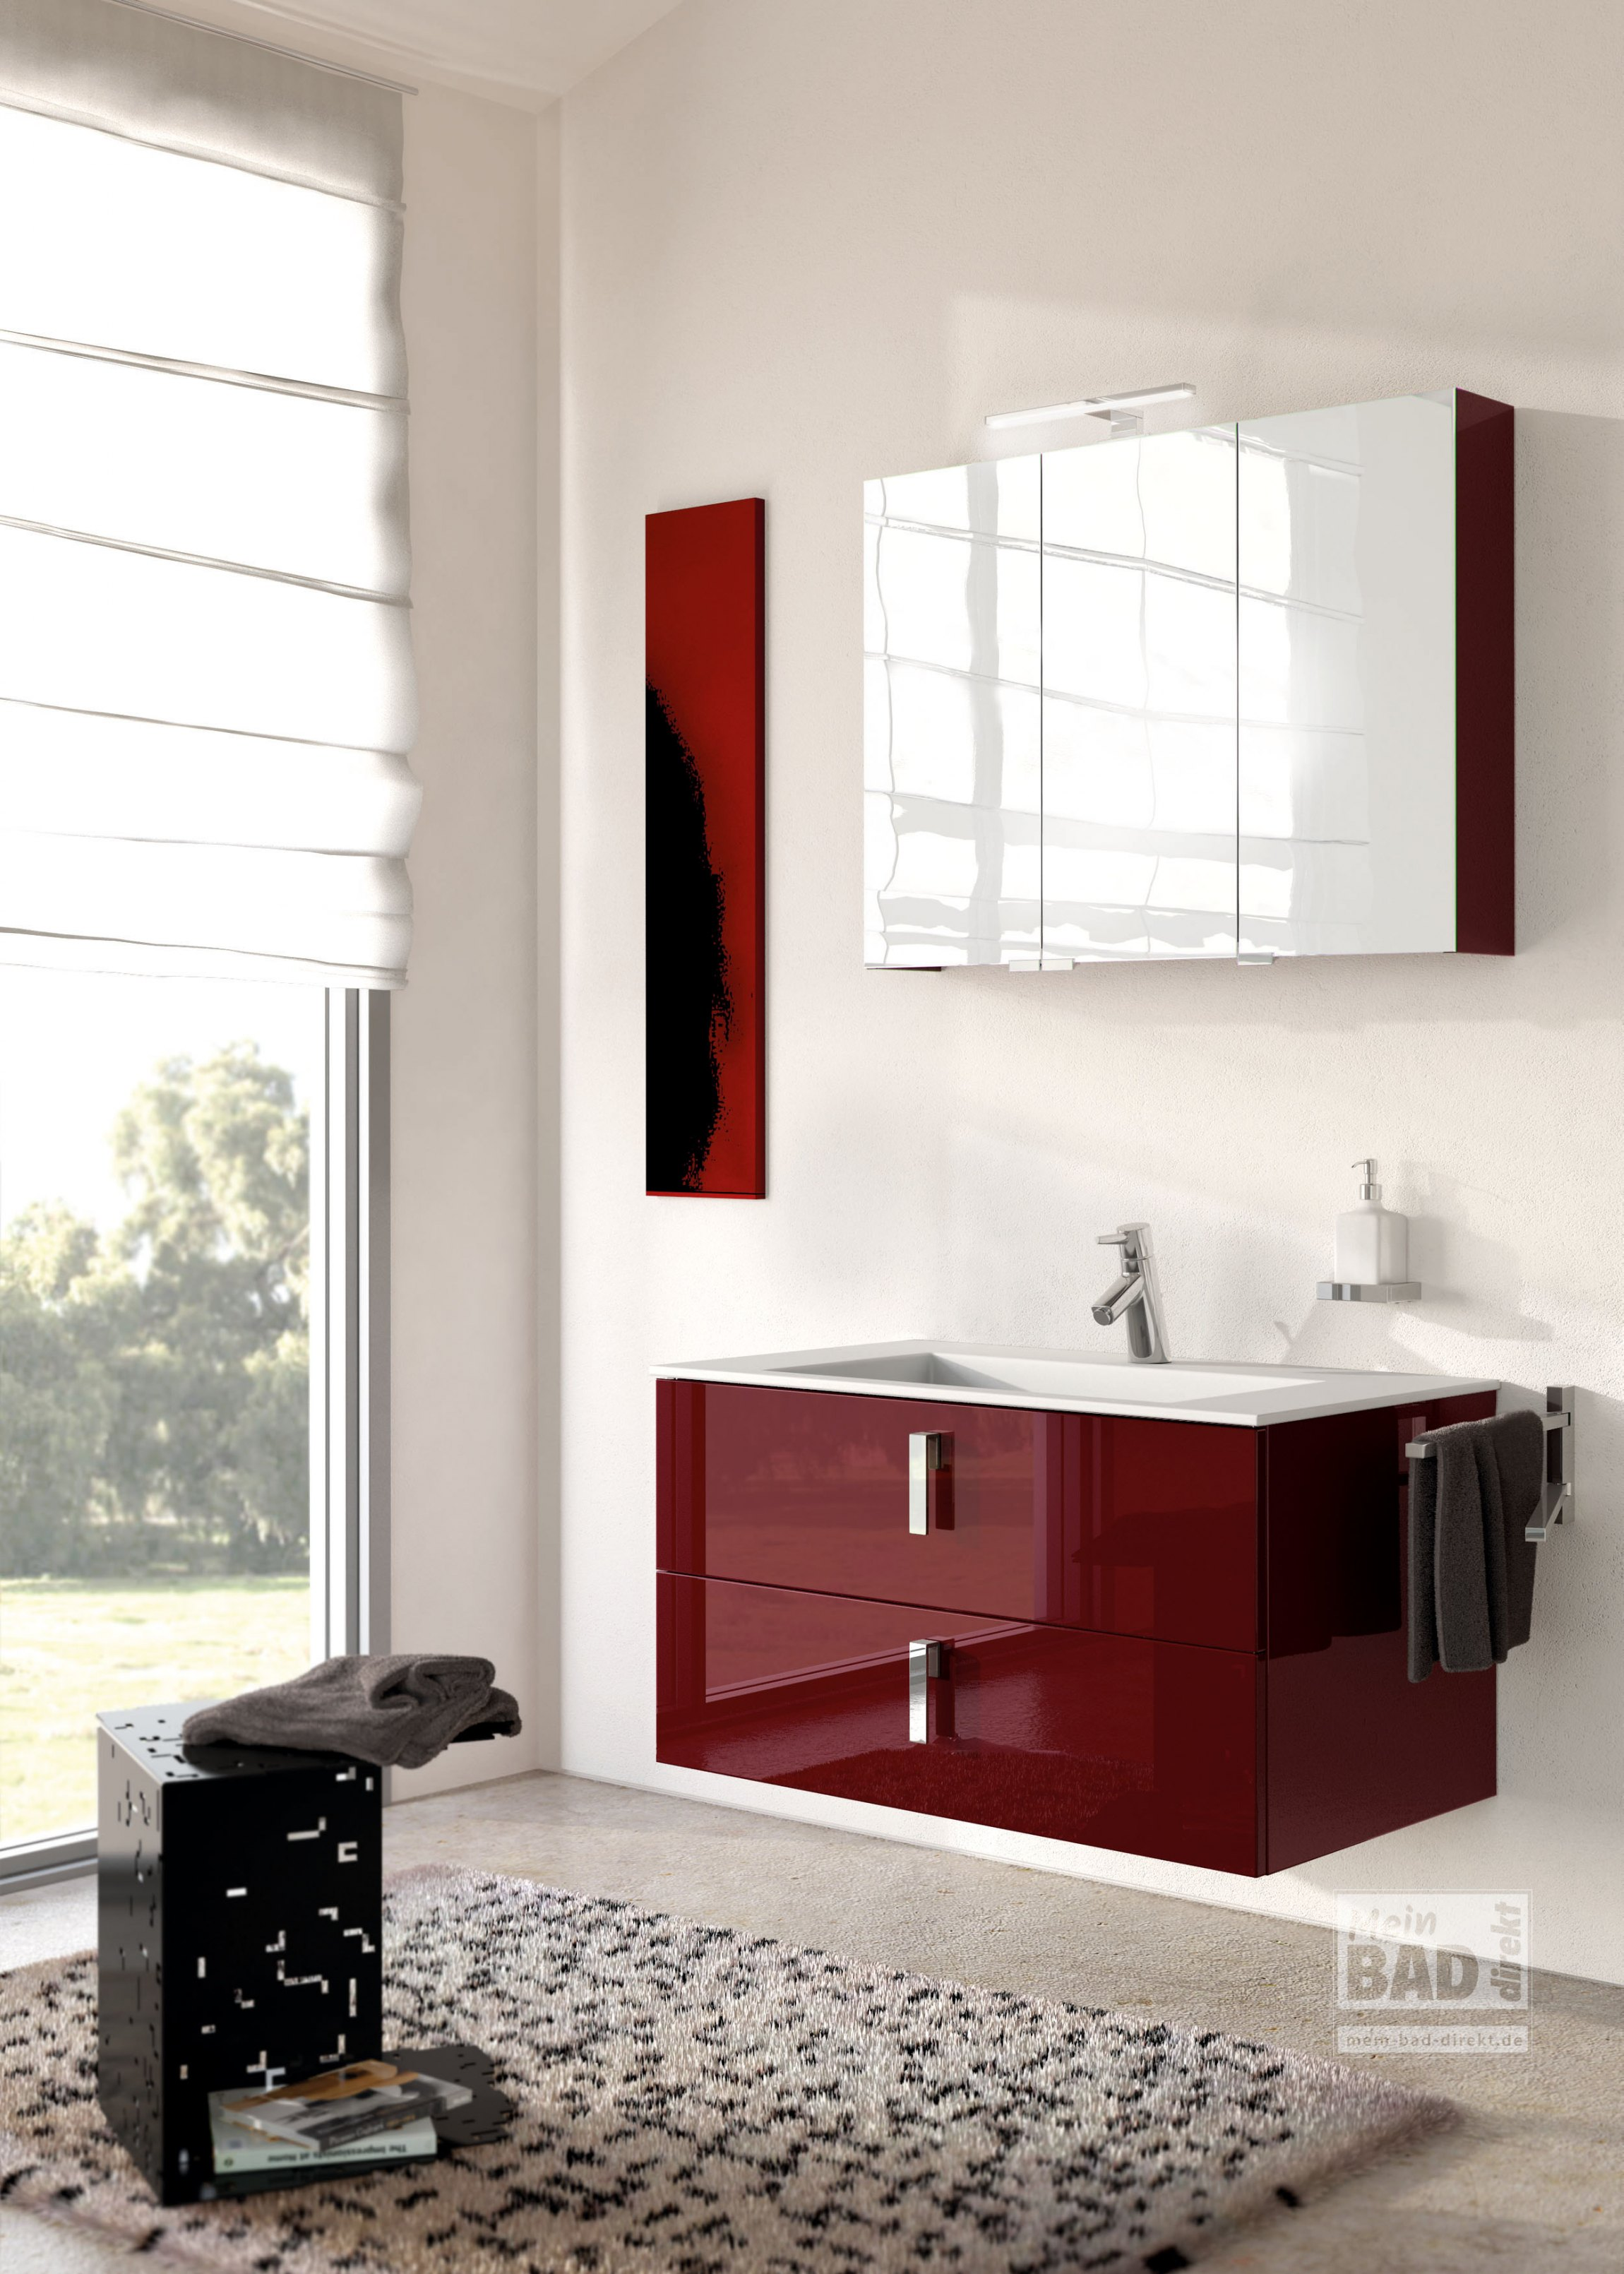 Modernes badm bel mit tollem waschtisch mein bad direkt for Badmobel direkt